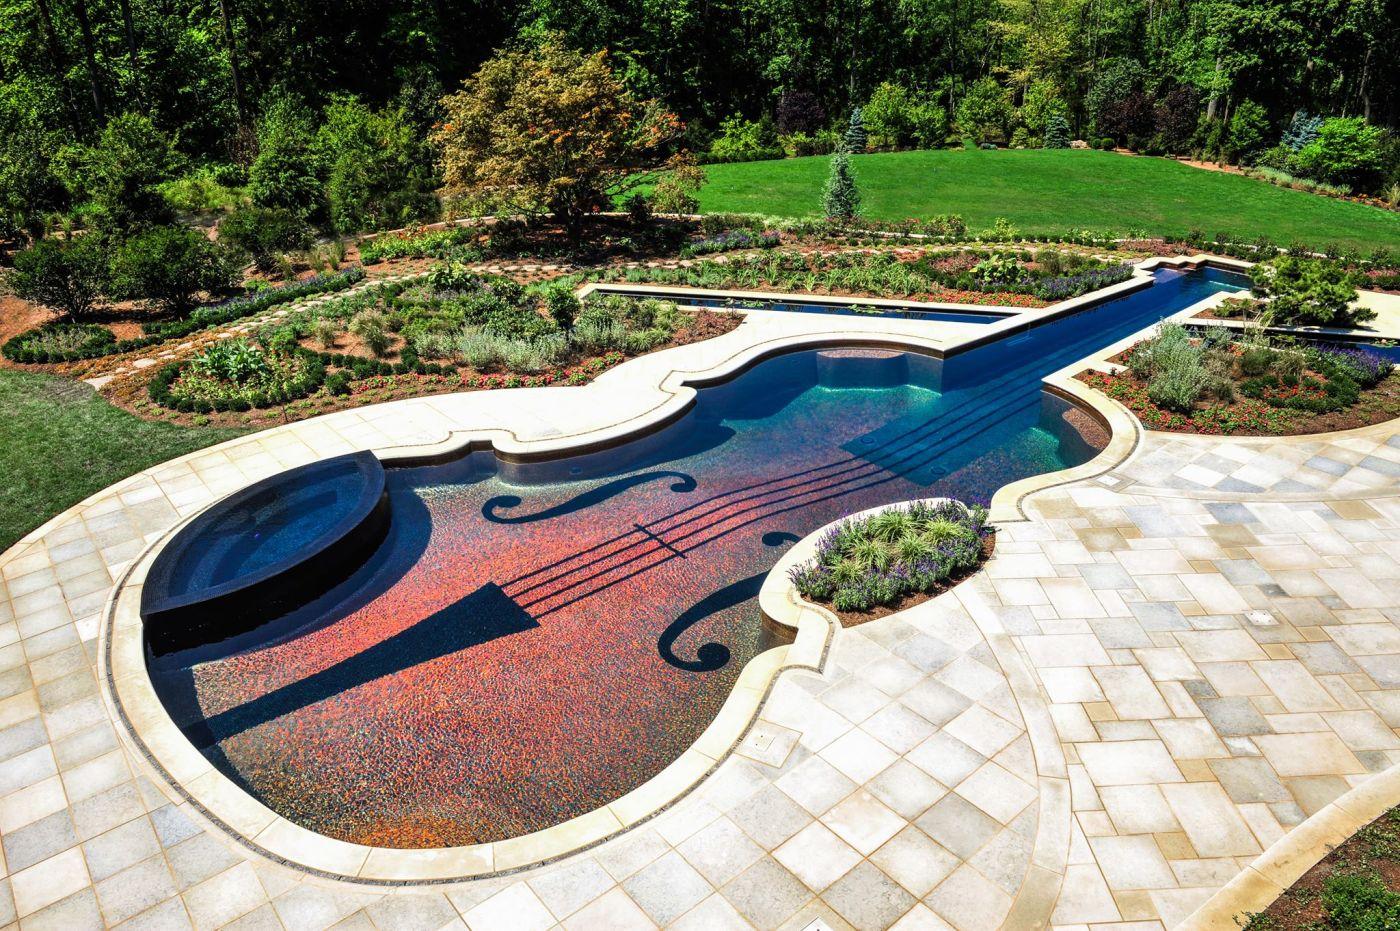 Ландшафтный дизайн - красивые идеи и стили сада 107 фото Бассейн в ландшафтном дизайне